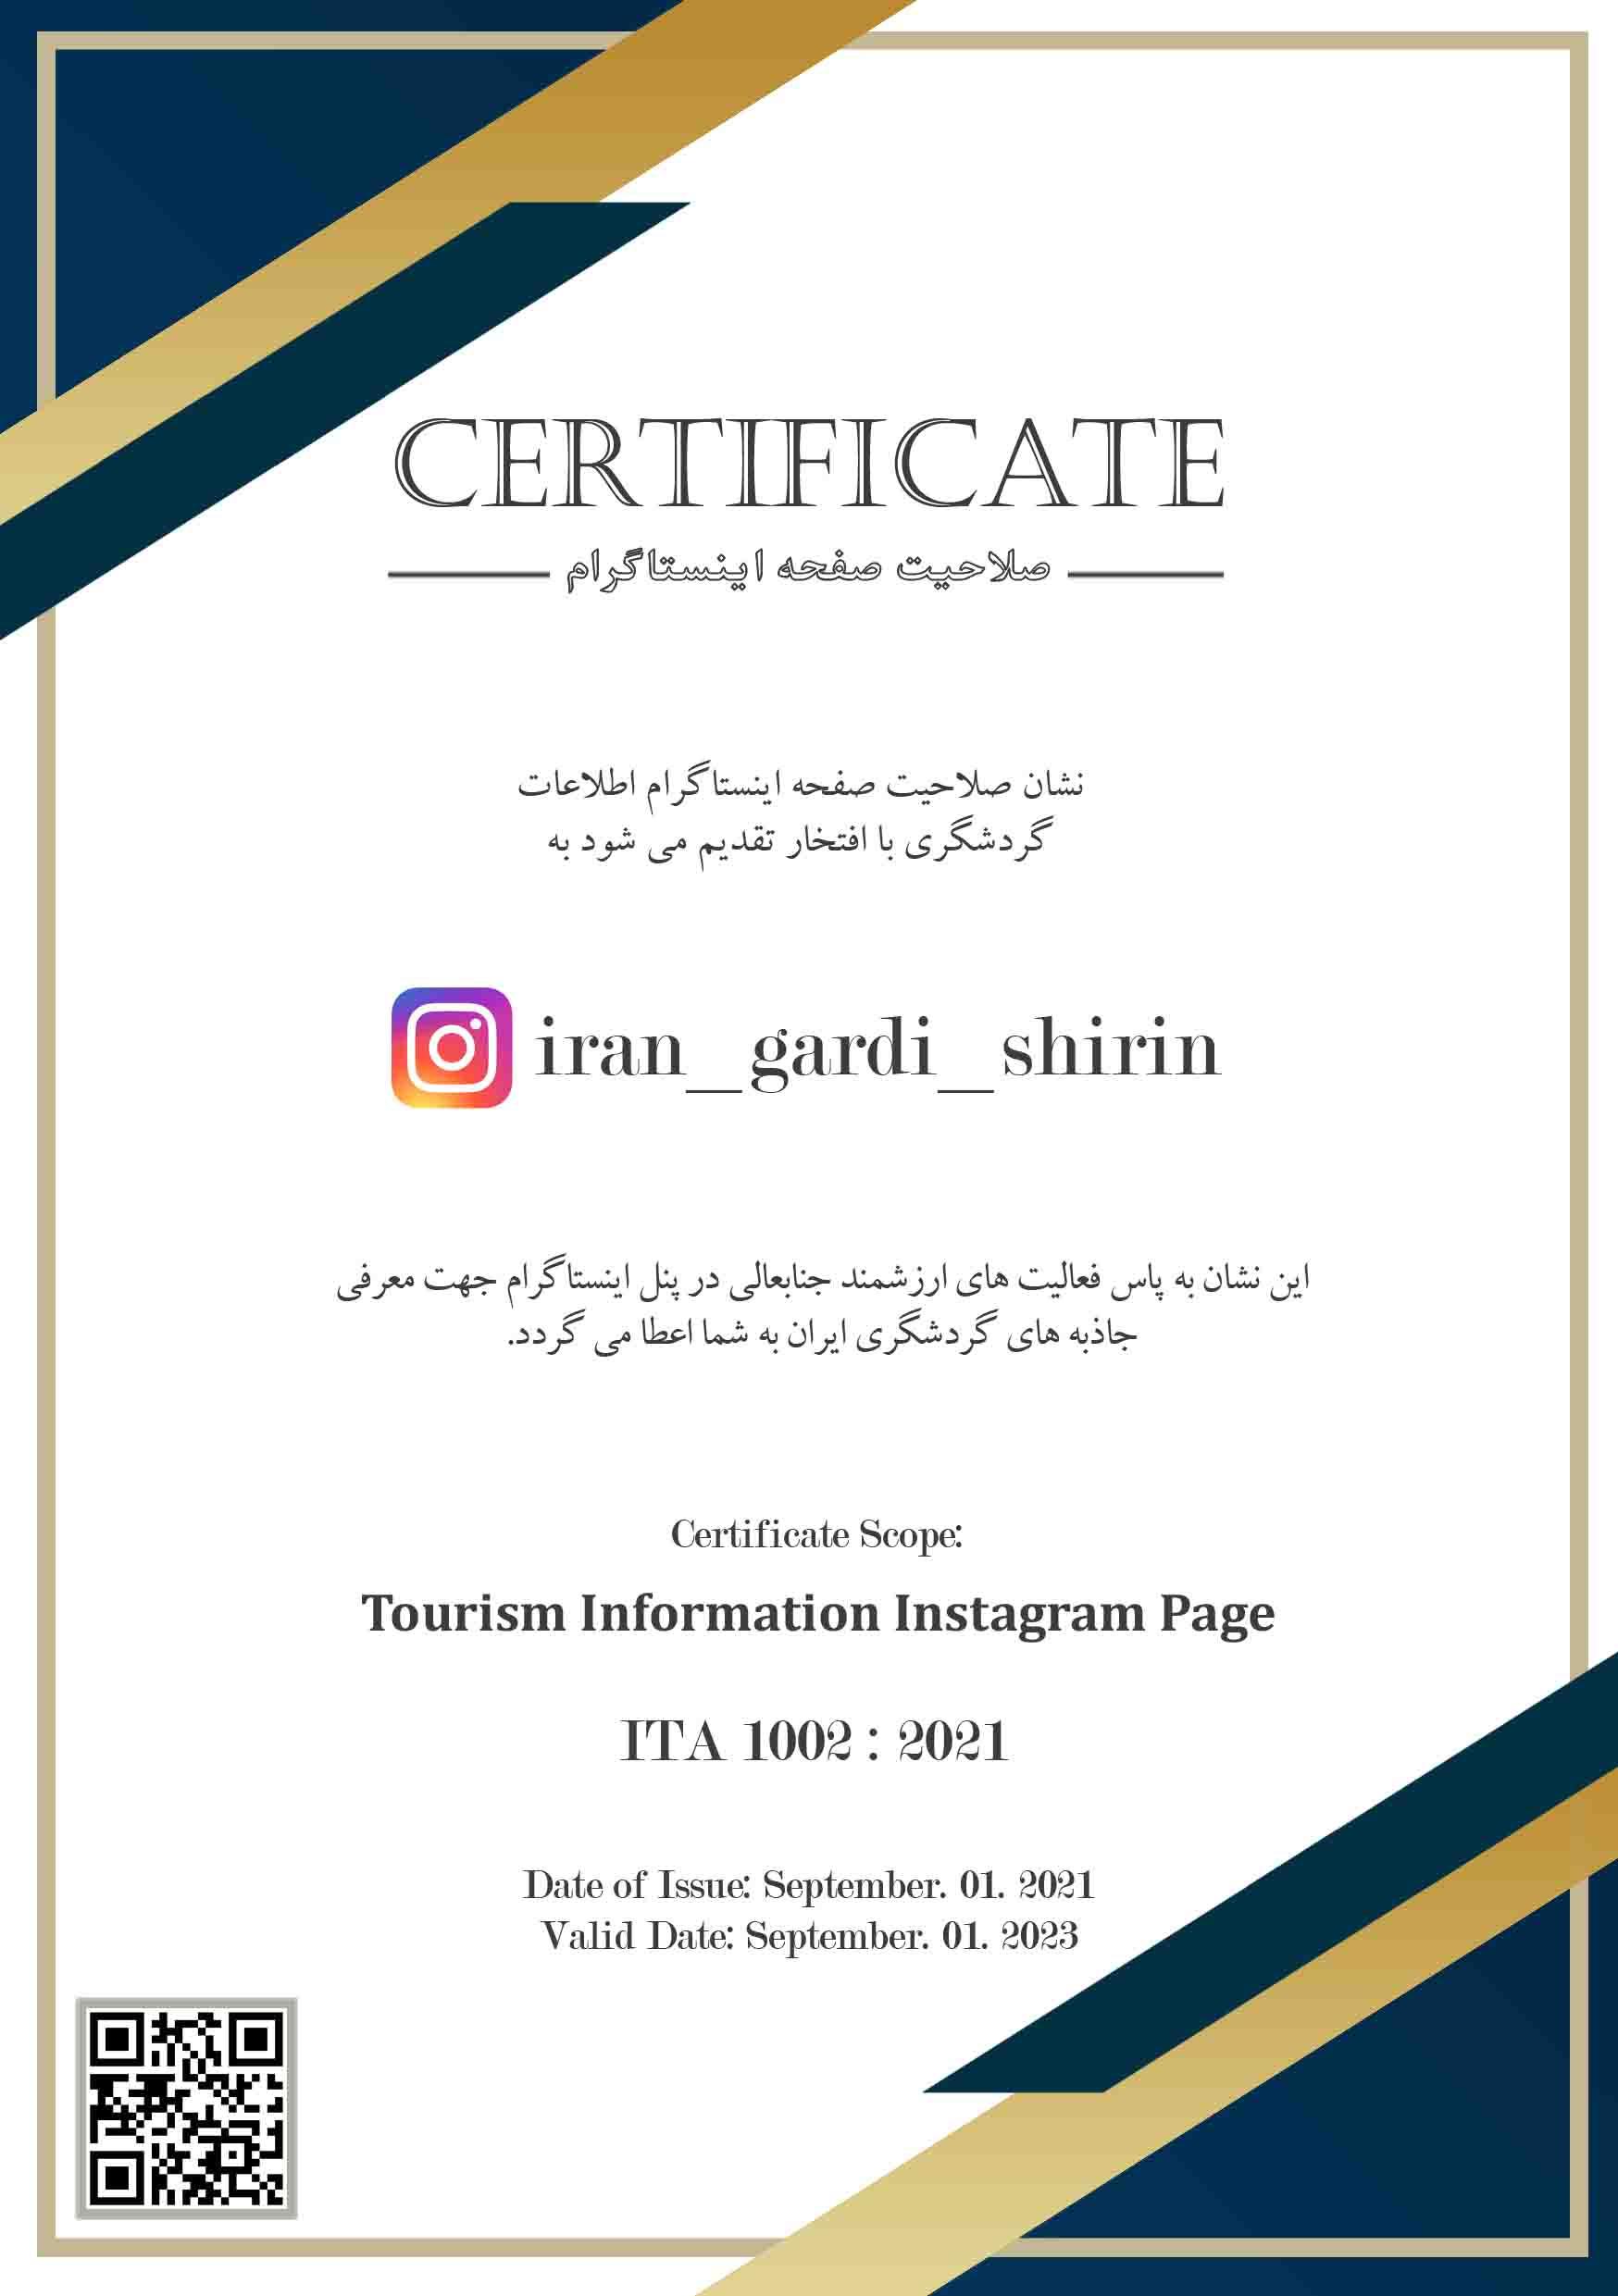 iran_gardi_shirin